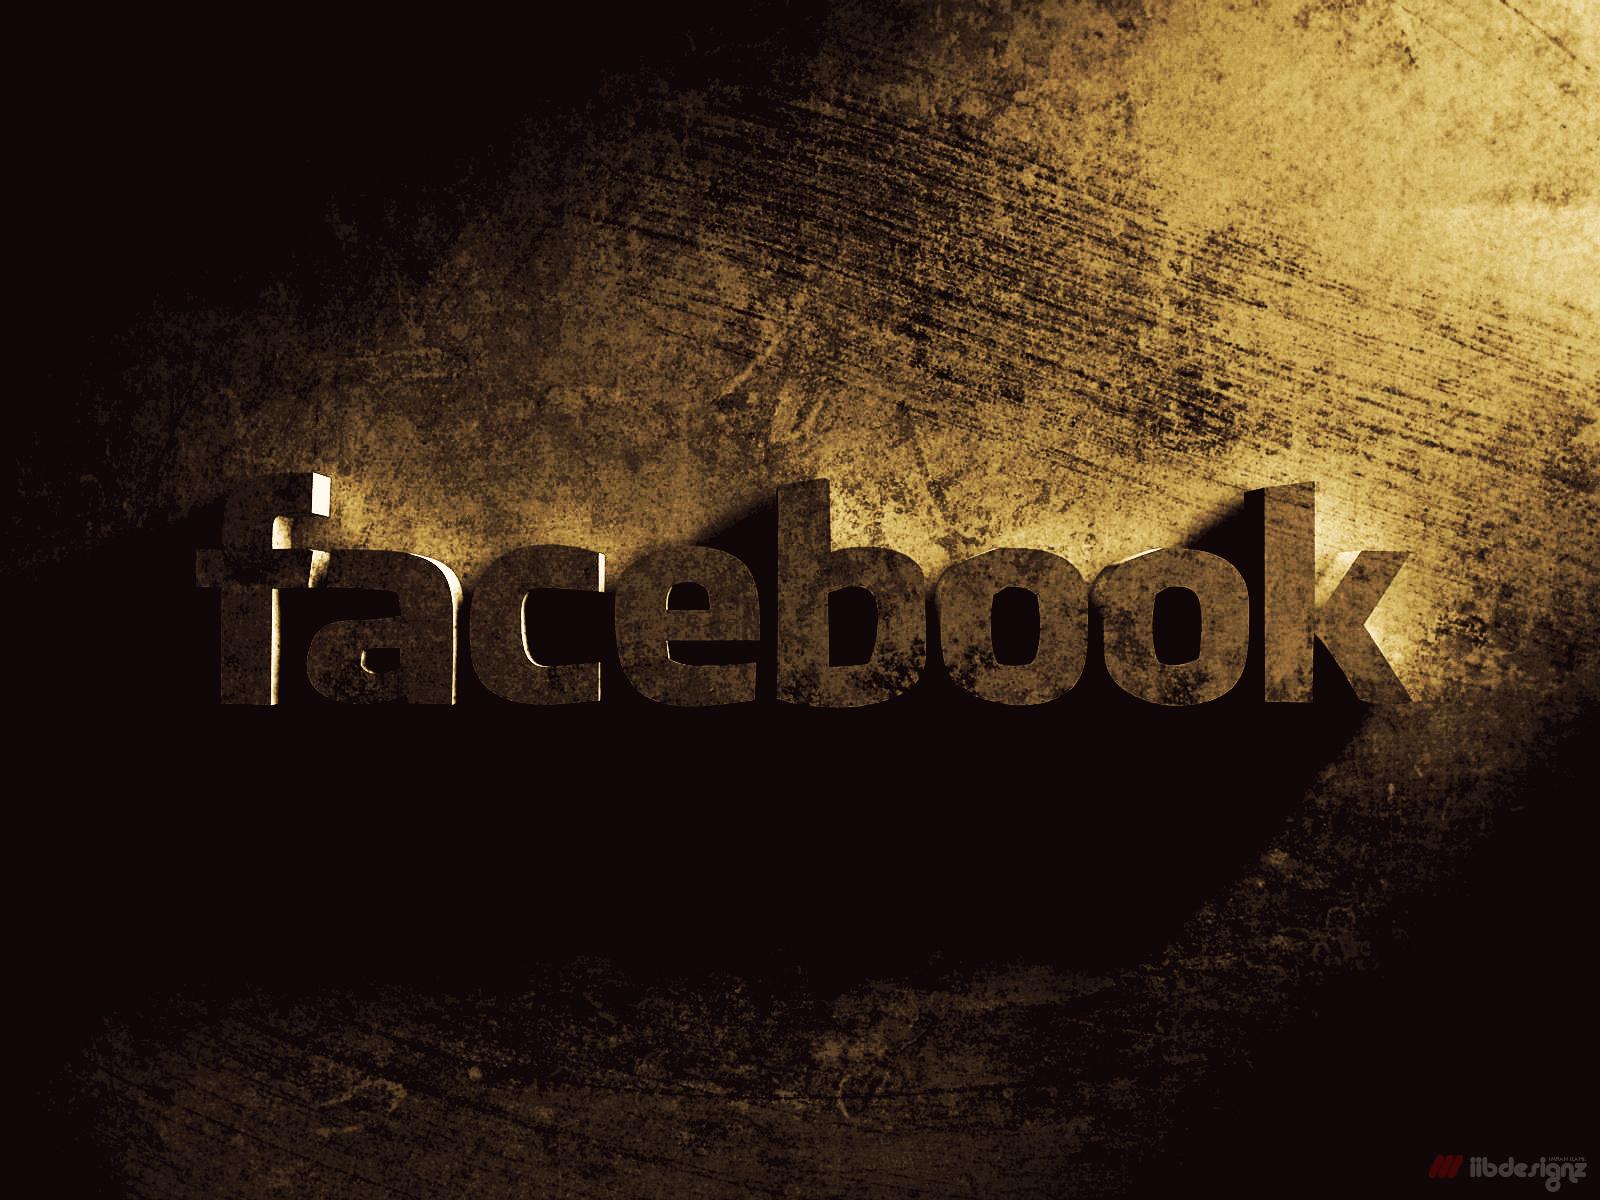 Free Facebook Wallpaper Downloads Wallpapersafari